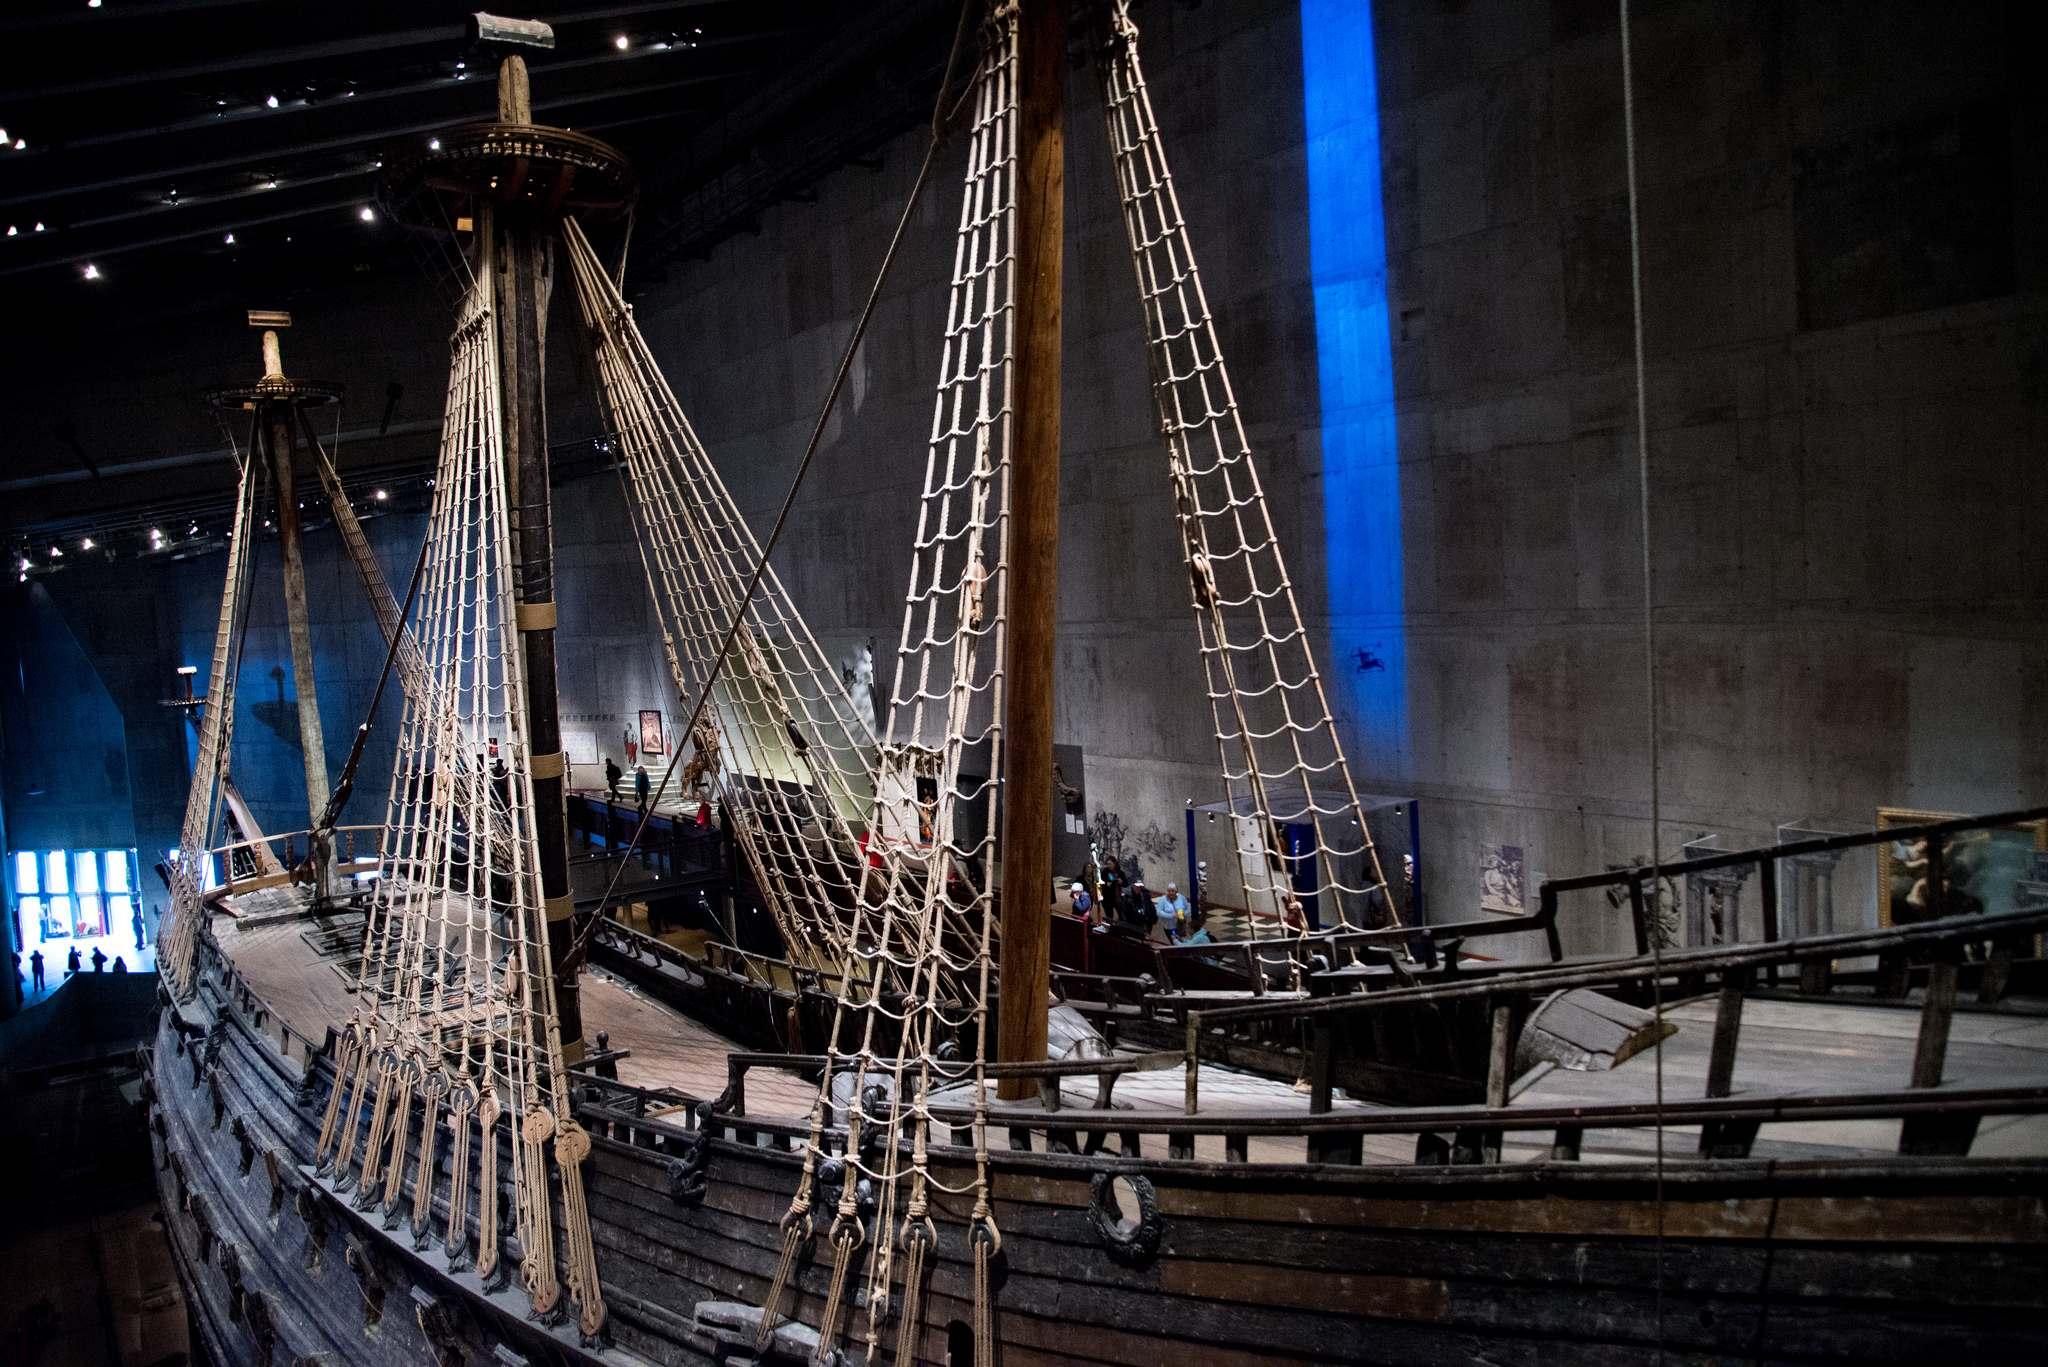 wasa1 Wasa   Swedish War Ship in Stockholm